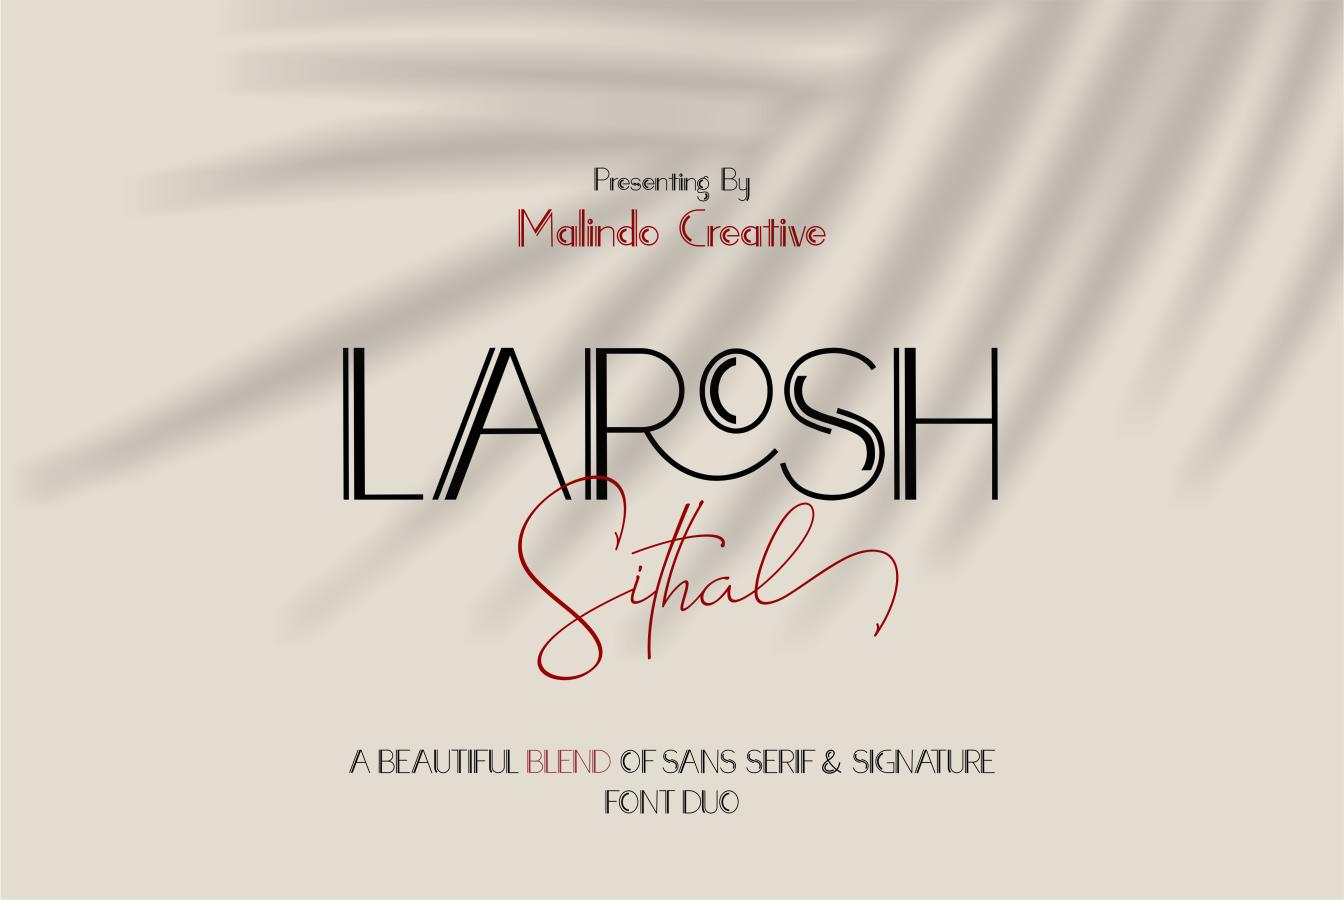 LAROSH Sithal | Font Duo example image 1